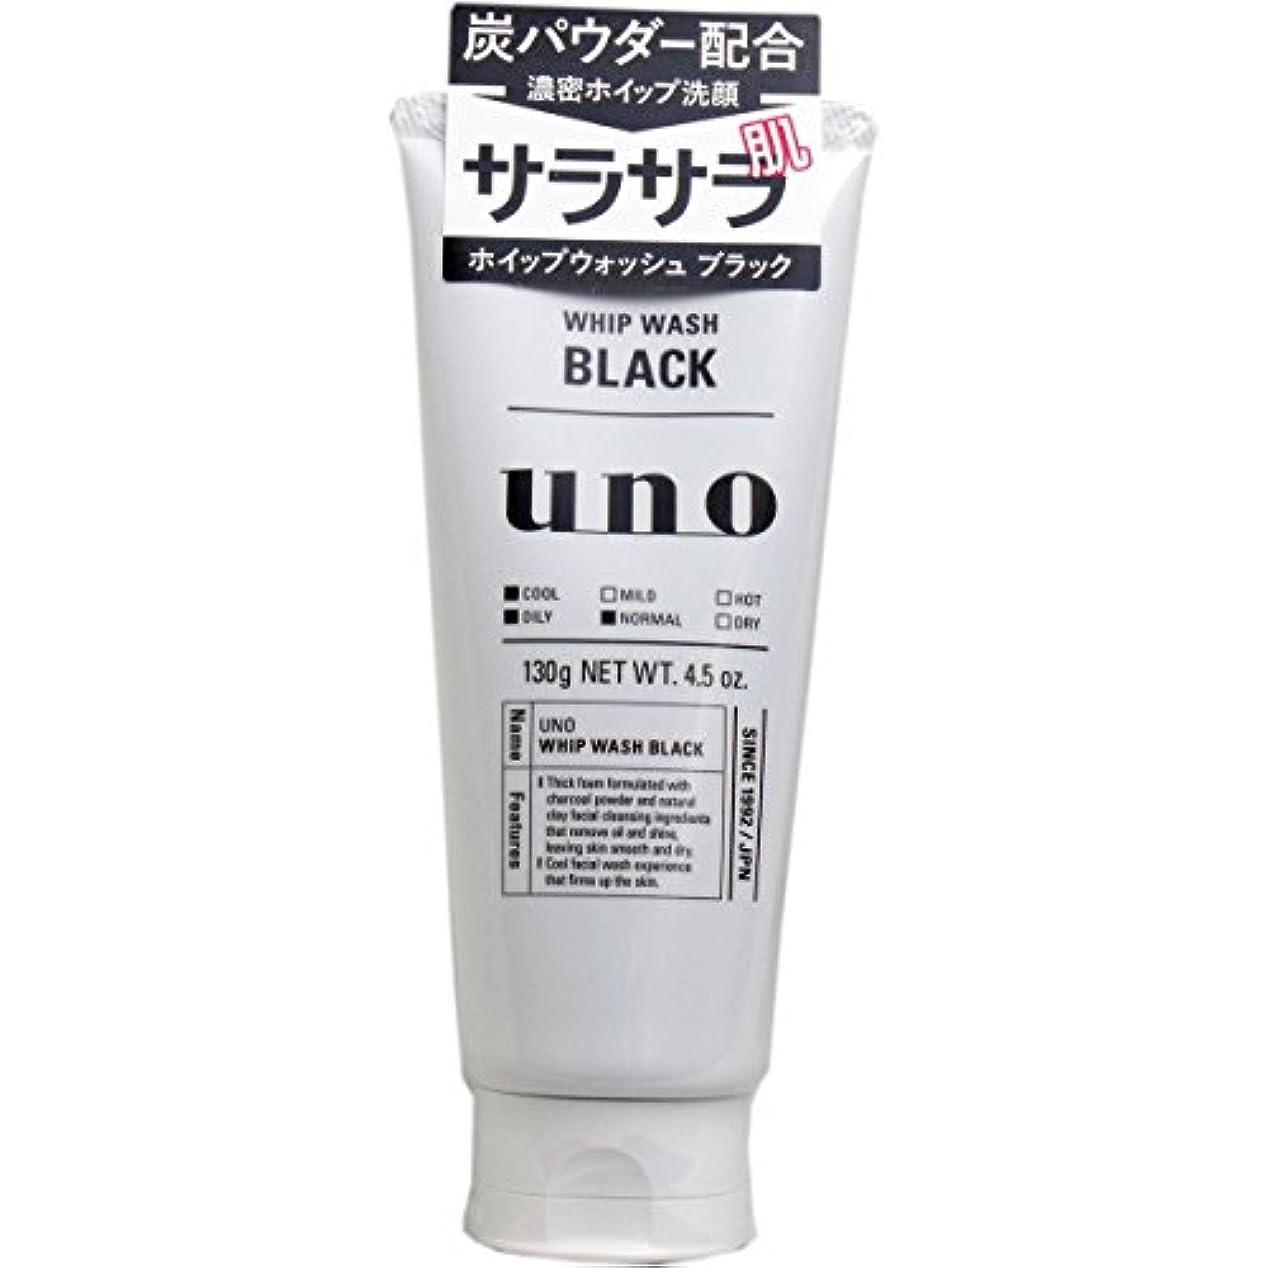 冷淡な上がるメーカー【まとめ買い】ウーノ ホイップウォッシュ (ブラック) 洗顔料 130g×6個